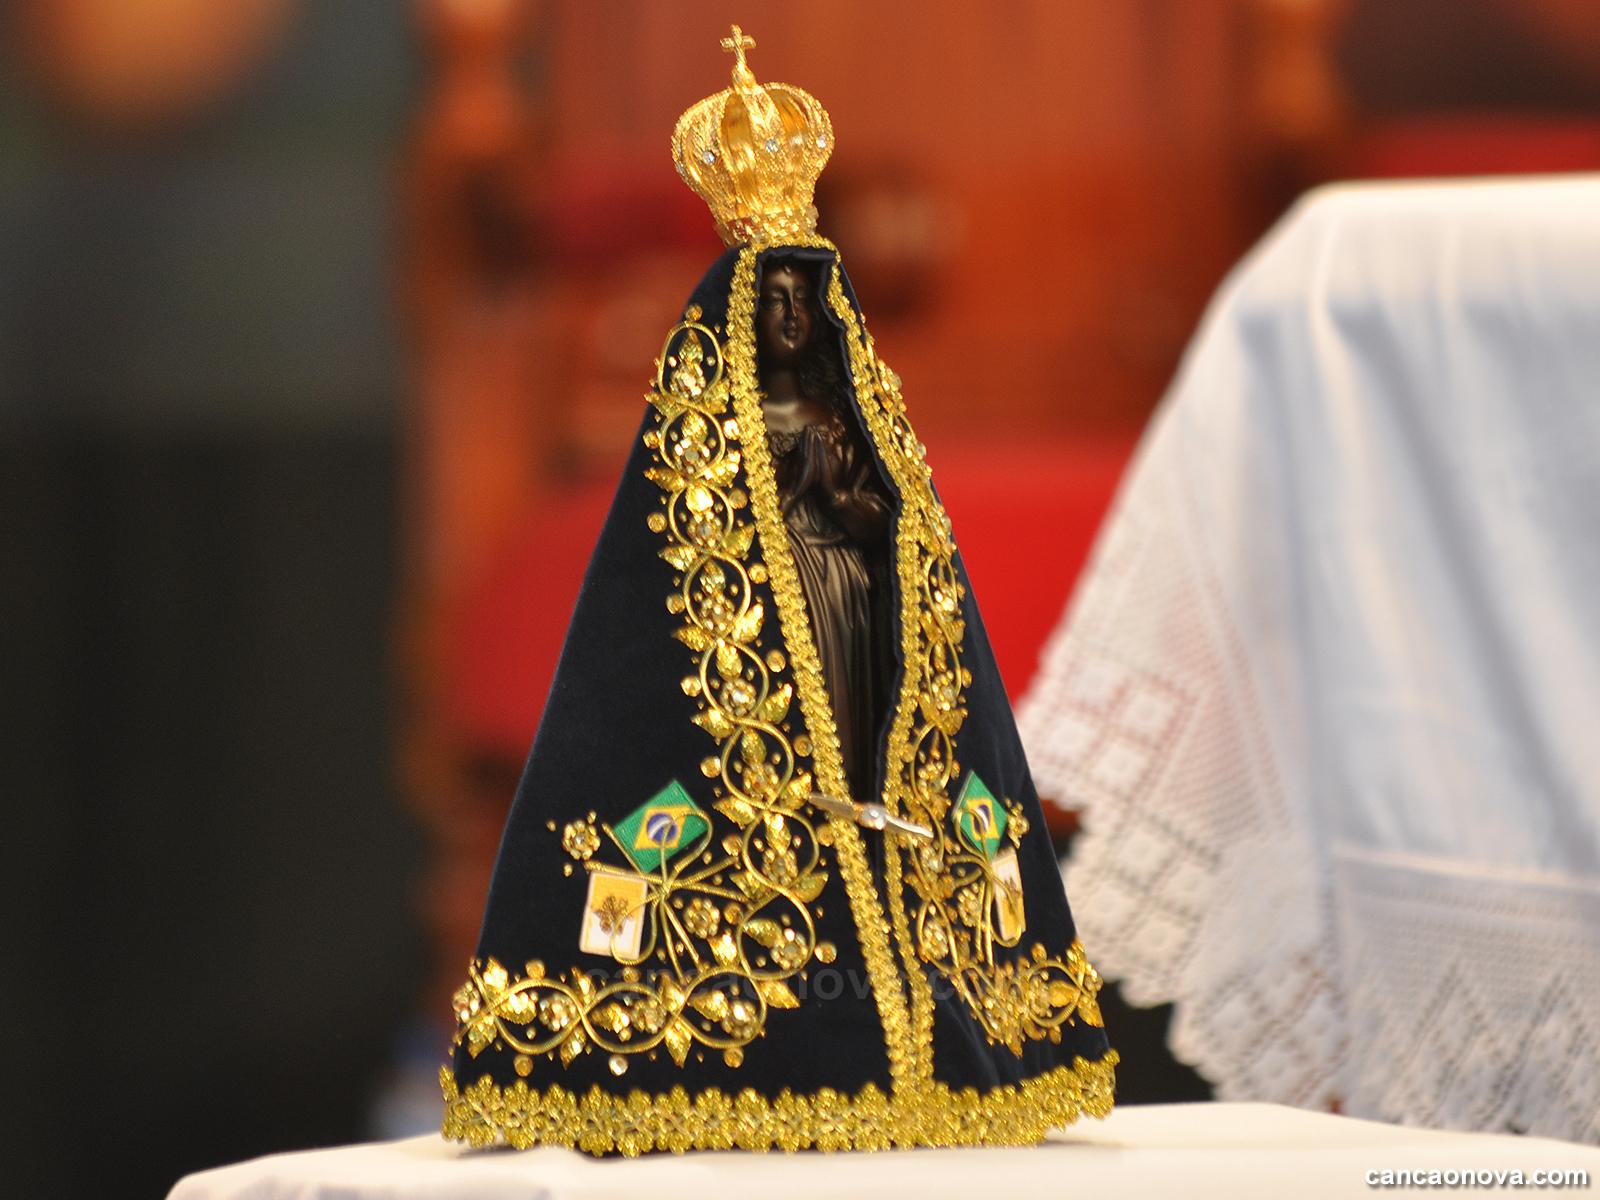 Nossa Senhora Aparecida: Novena A Nossa Senhora Da Conceição Aparecida